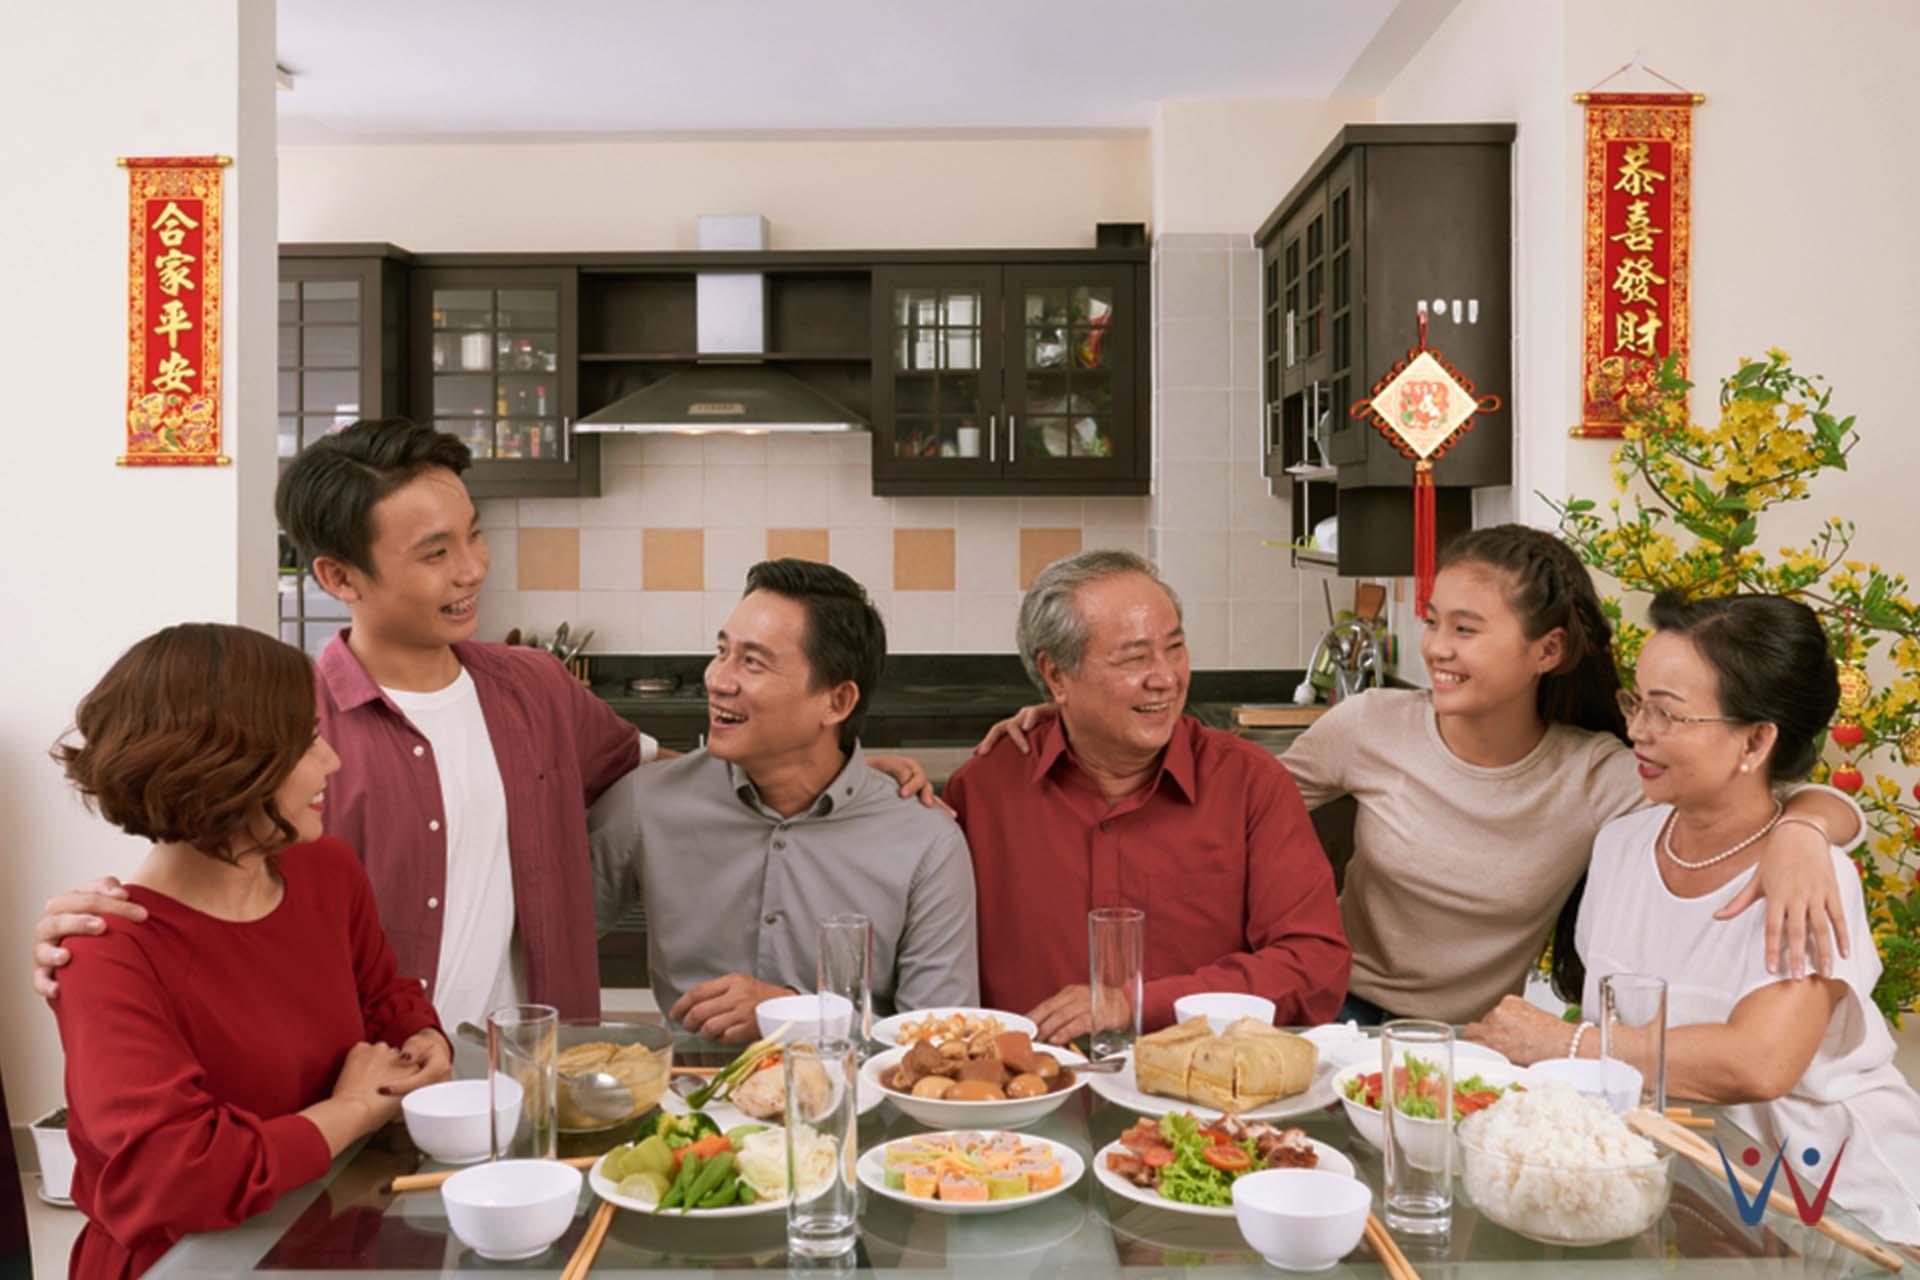 strategi marketing - imlek - keluarga - makan bersama